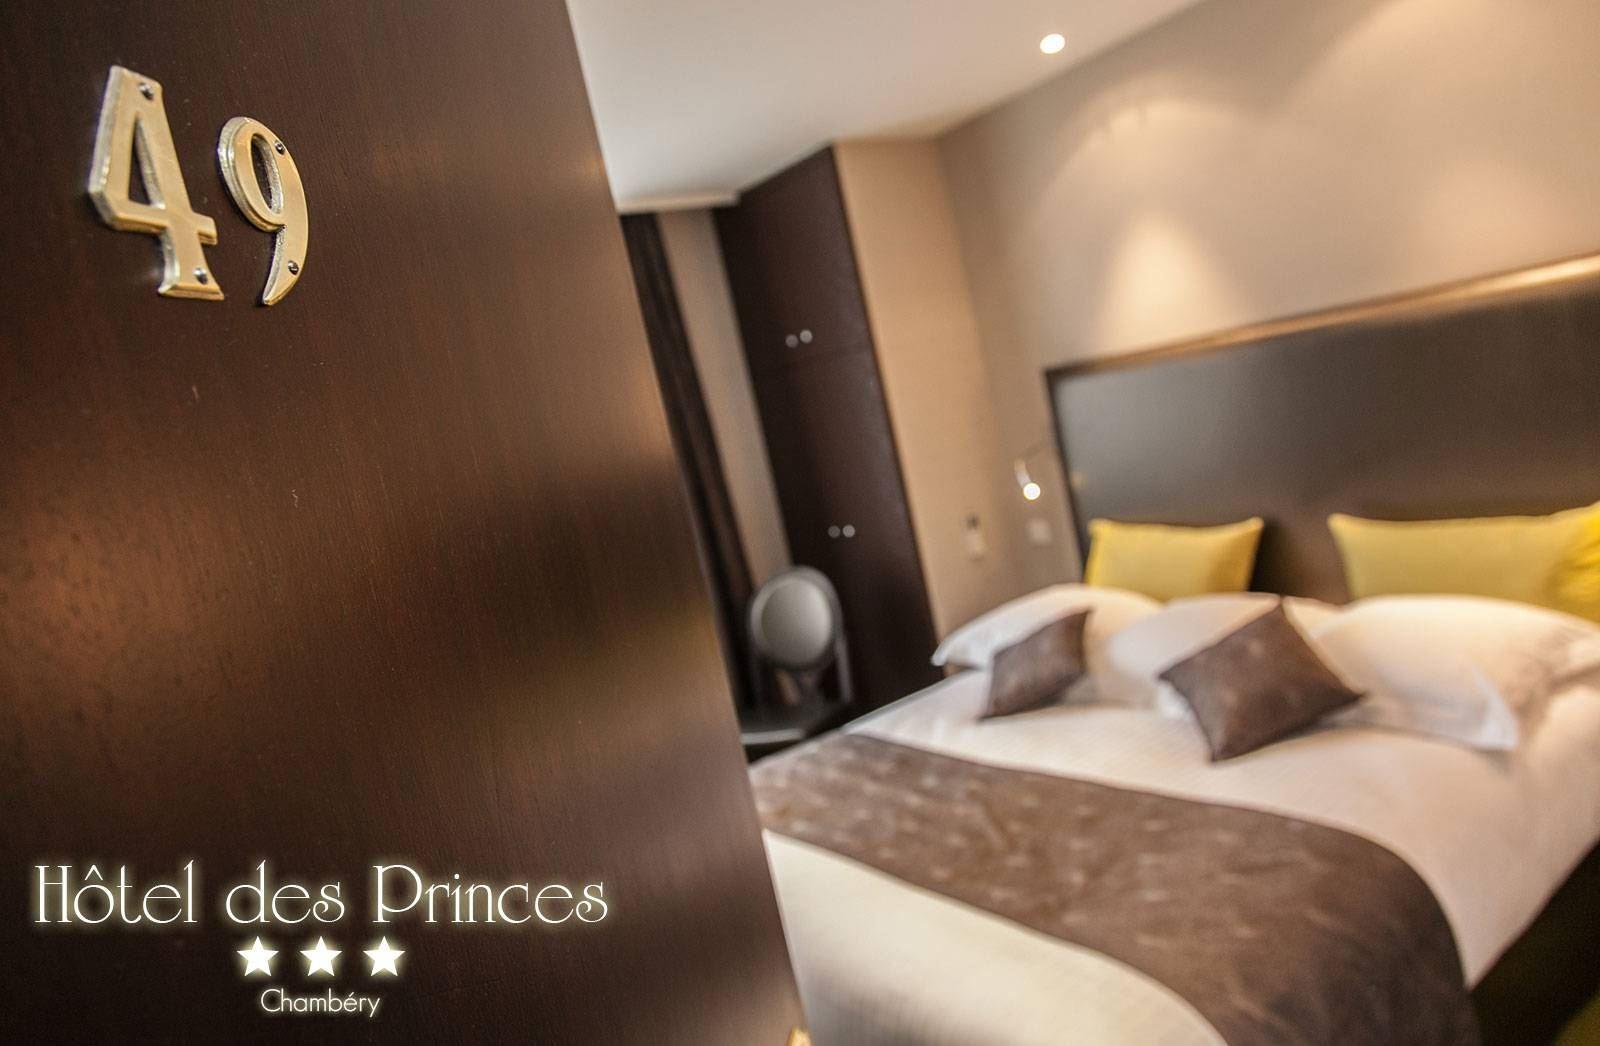 Hôtel des Princes